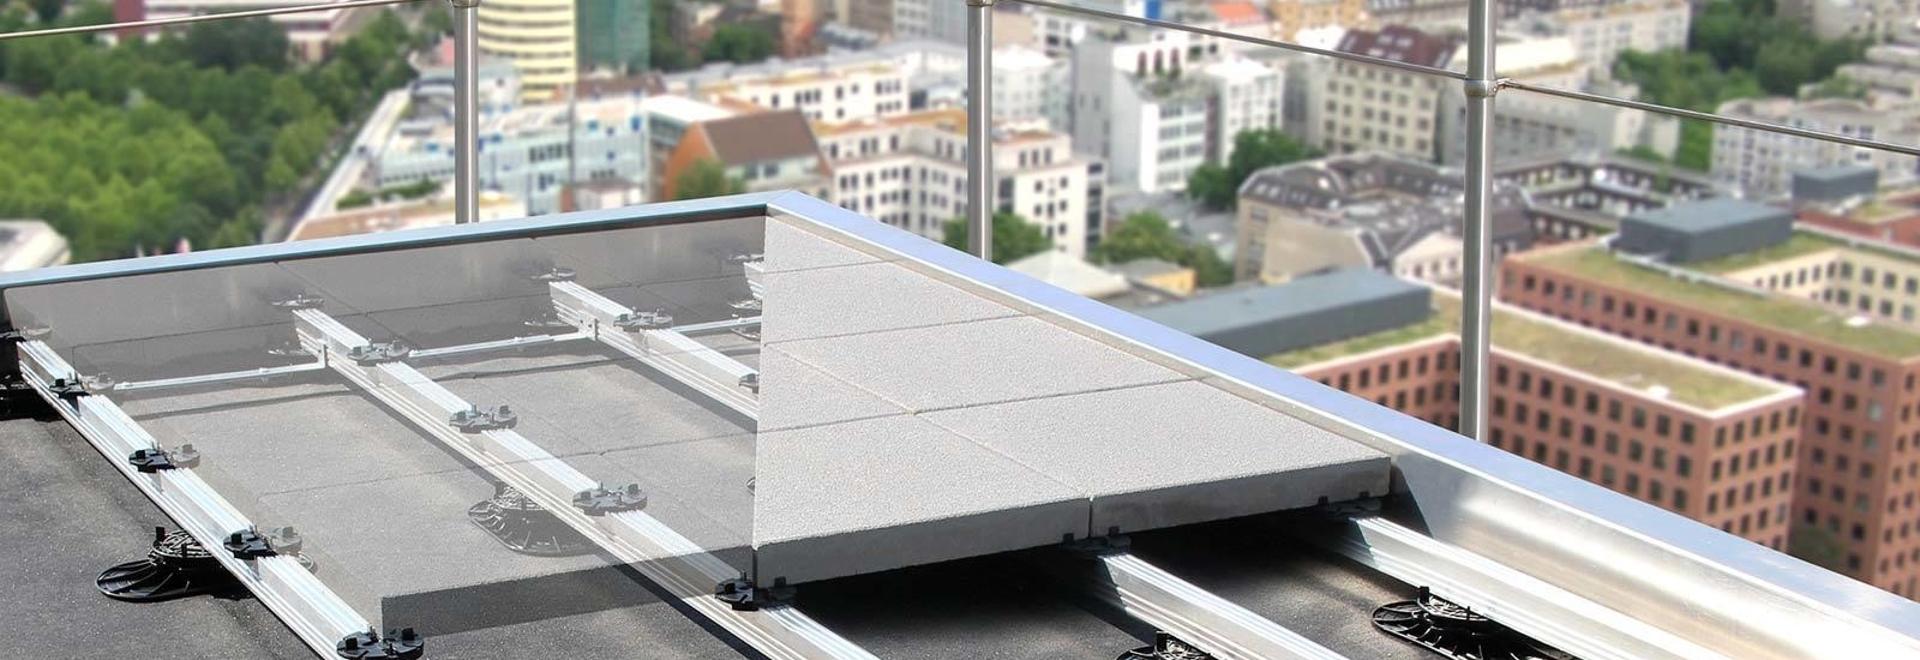 Le revêtement de sol est installé en un rien de temps, qu'il s'agisse de dalles en béton ou en pierre naturelle, de bois ou de platelage en WPC. C'est également la conception parfaite pour une fine...